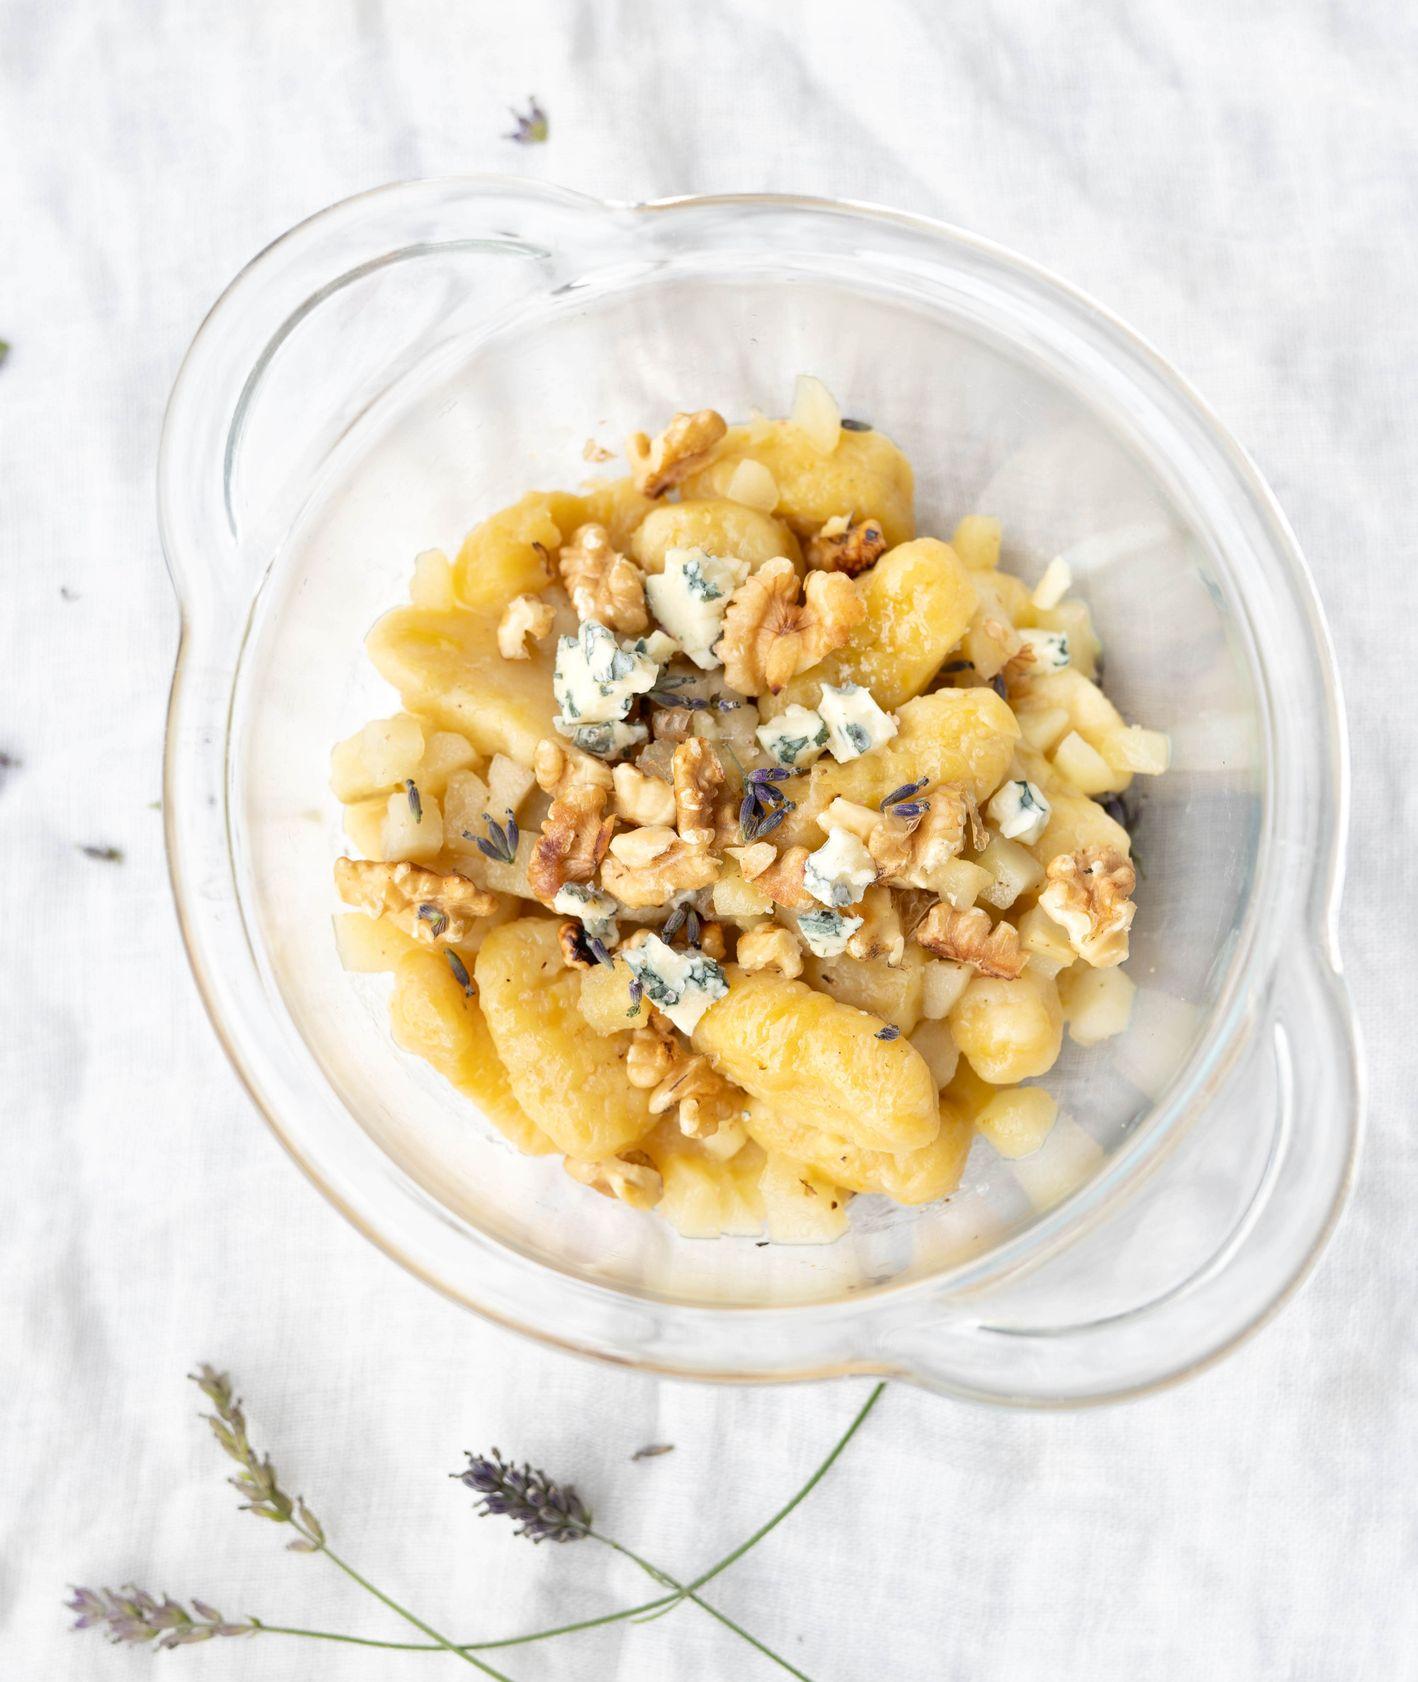 Dyniowe gnocchi z orzechami, karmelizowaną gruszką i kruszonym serem pleśniowym (fot. Martyna Cybuch)